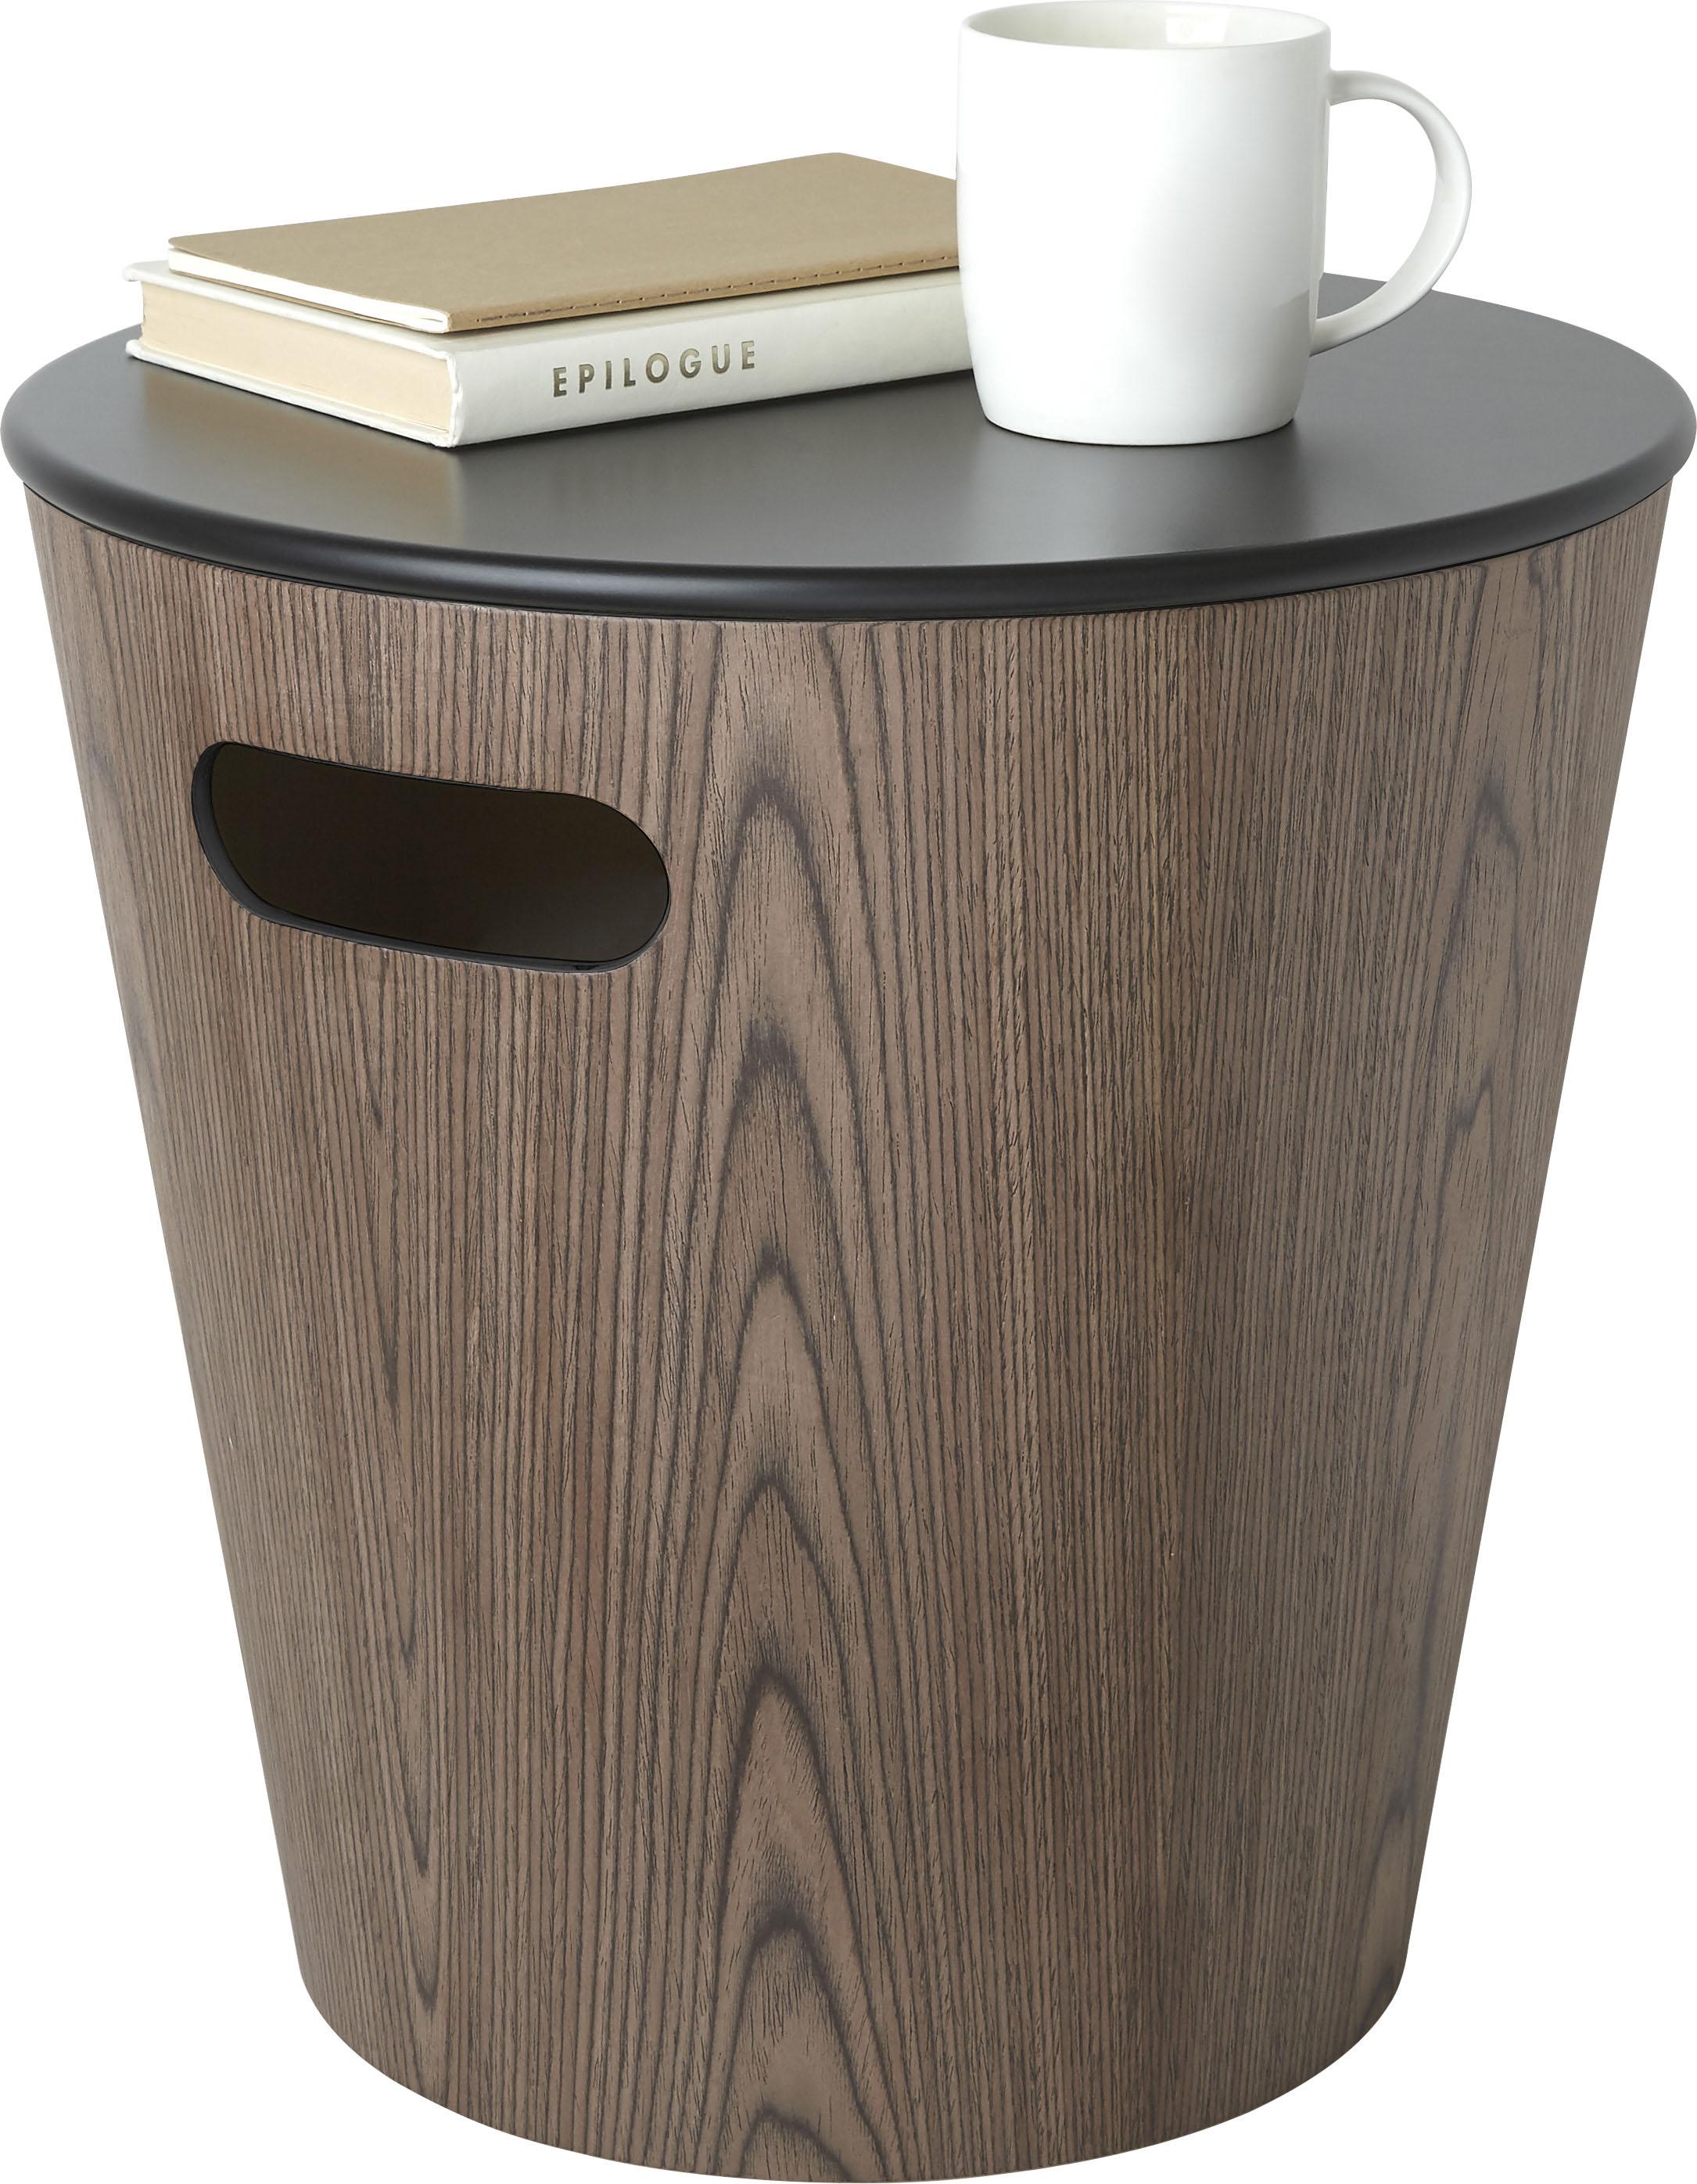 Umbra Ablagetisch Woodrow Storage Stool Wohnen/Räume/Wohnzimmer/Couchtische & Beistelltische/Beistelltische